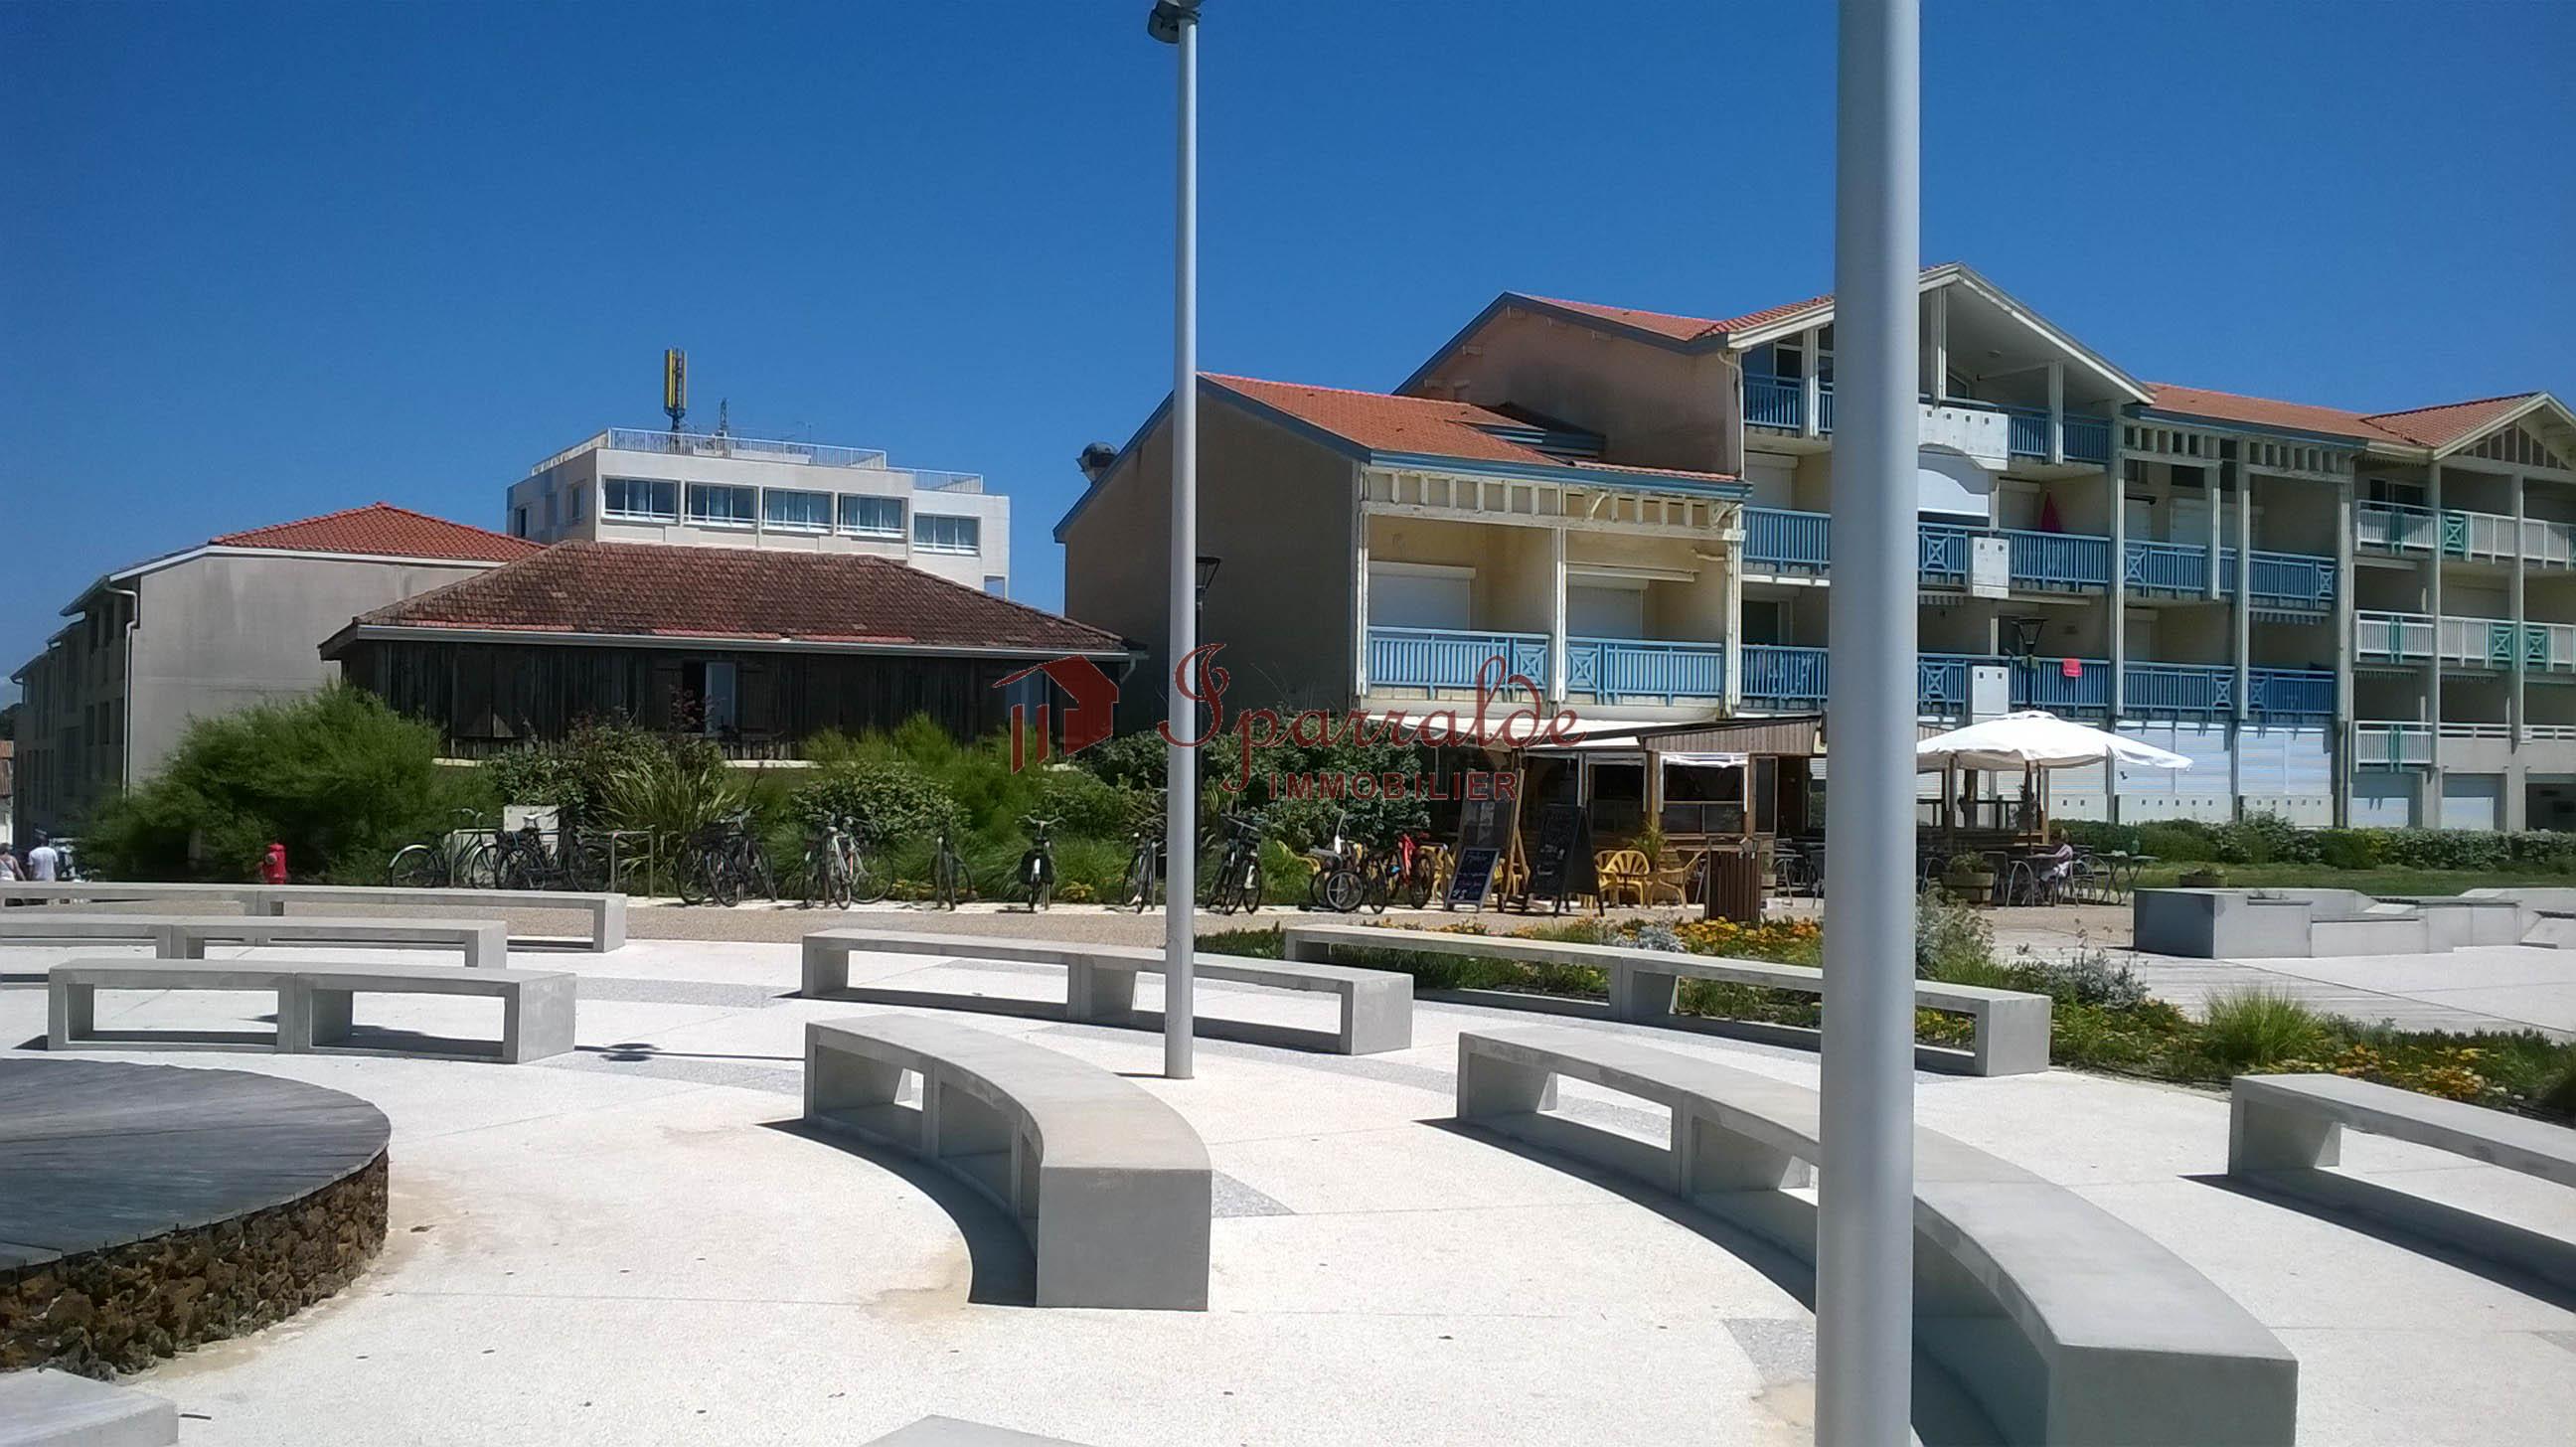 En el bucólico pueblecito de Mézos: Inmueble único compuesto por 3 casas, garaje, taller y terreno de 1.200 m2 , en Las Landas, a 10 mns de sus maravillosas Playas.